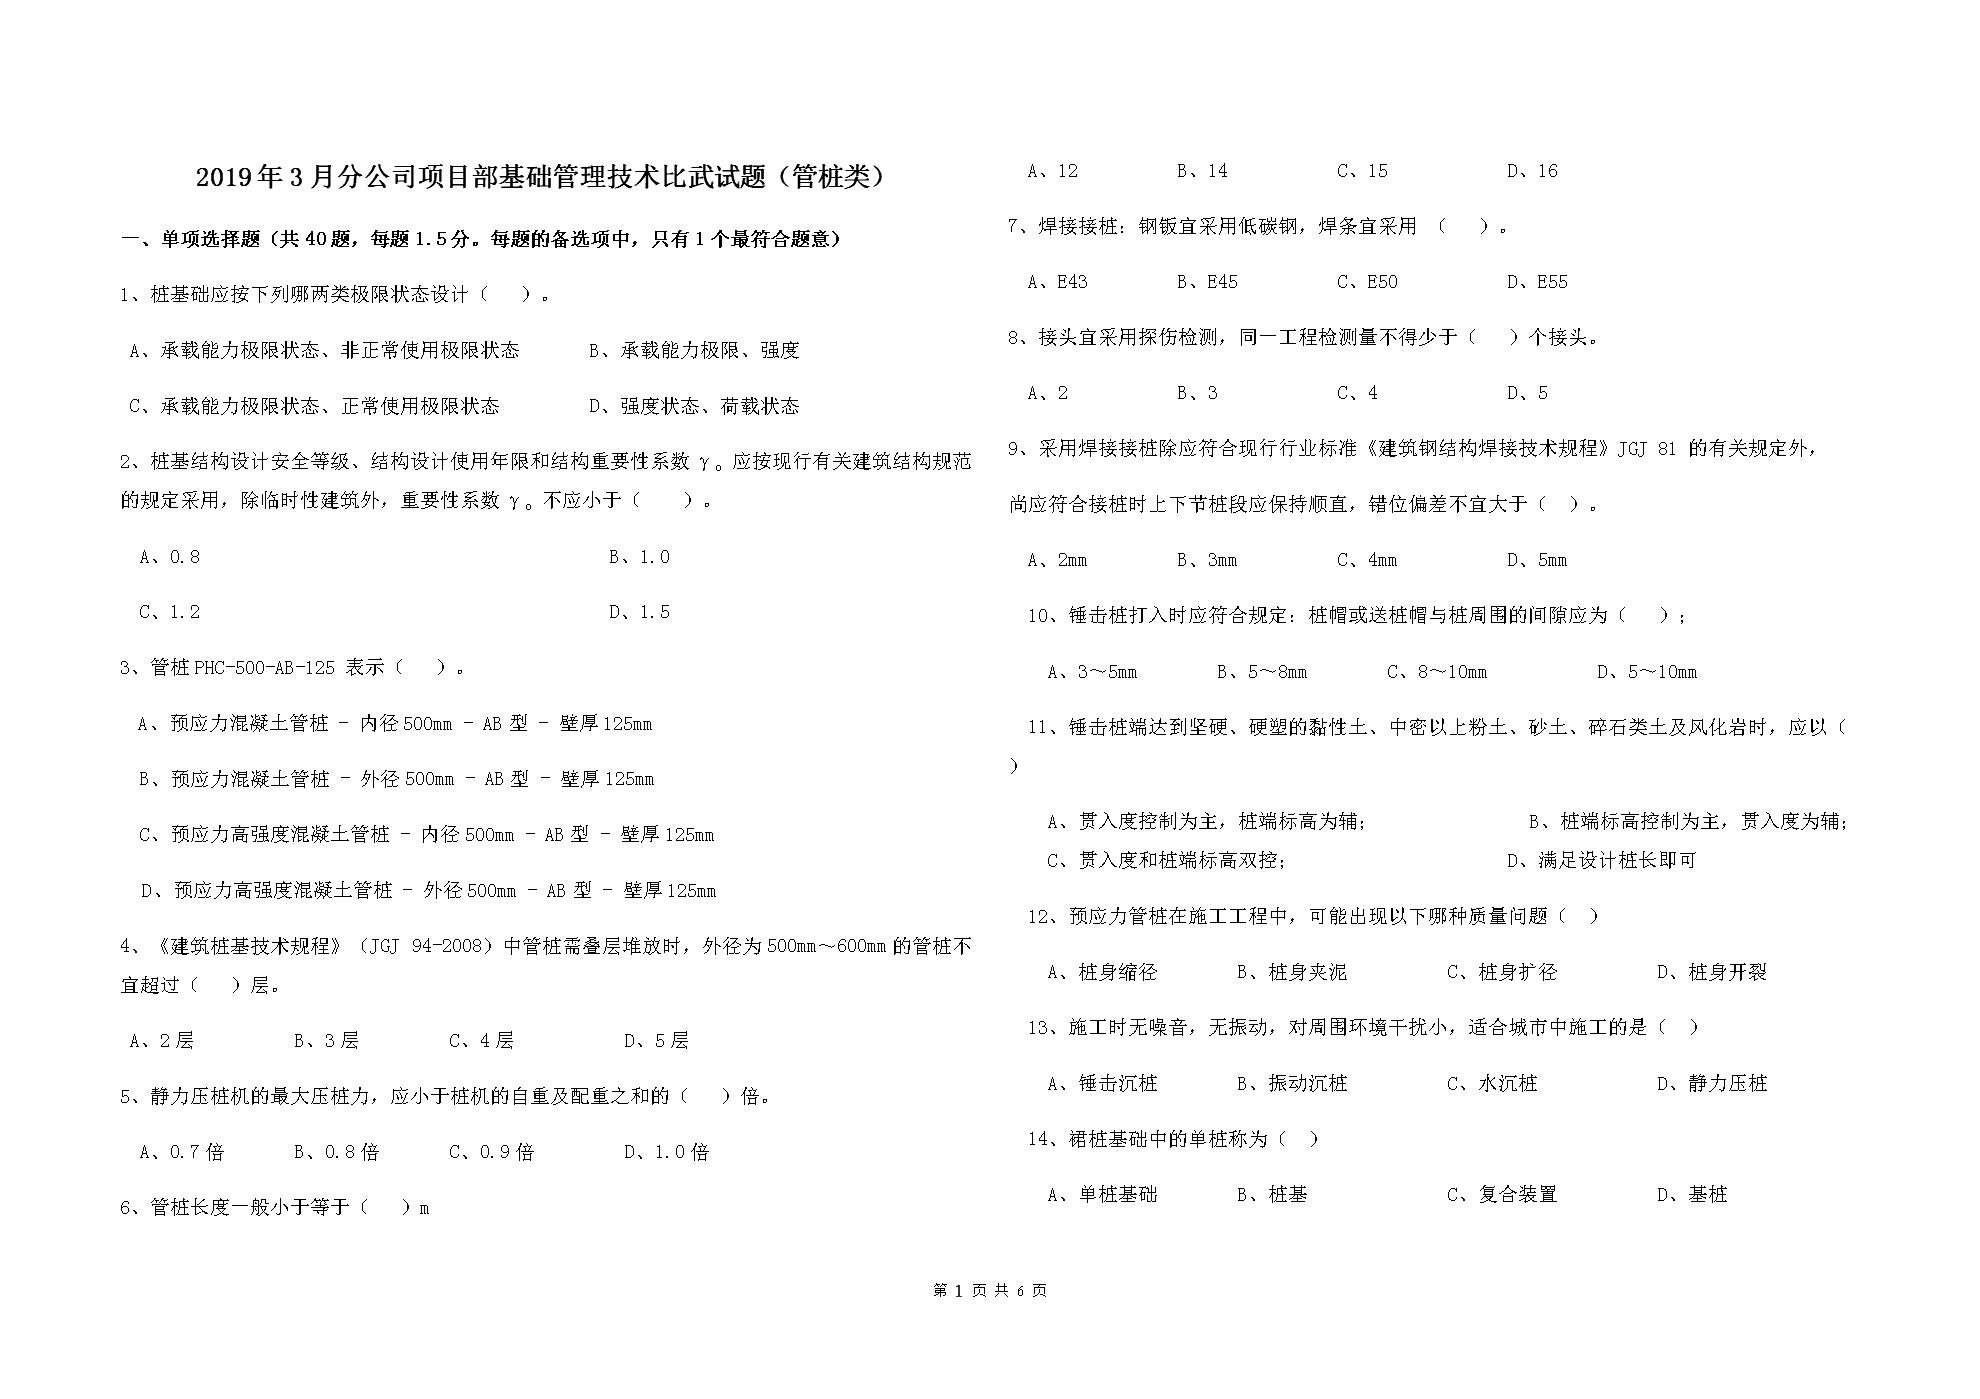 2019年3月分公司项目部基础管理技术比武试题.docx